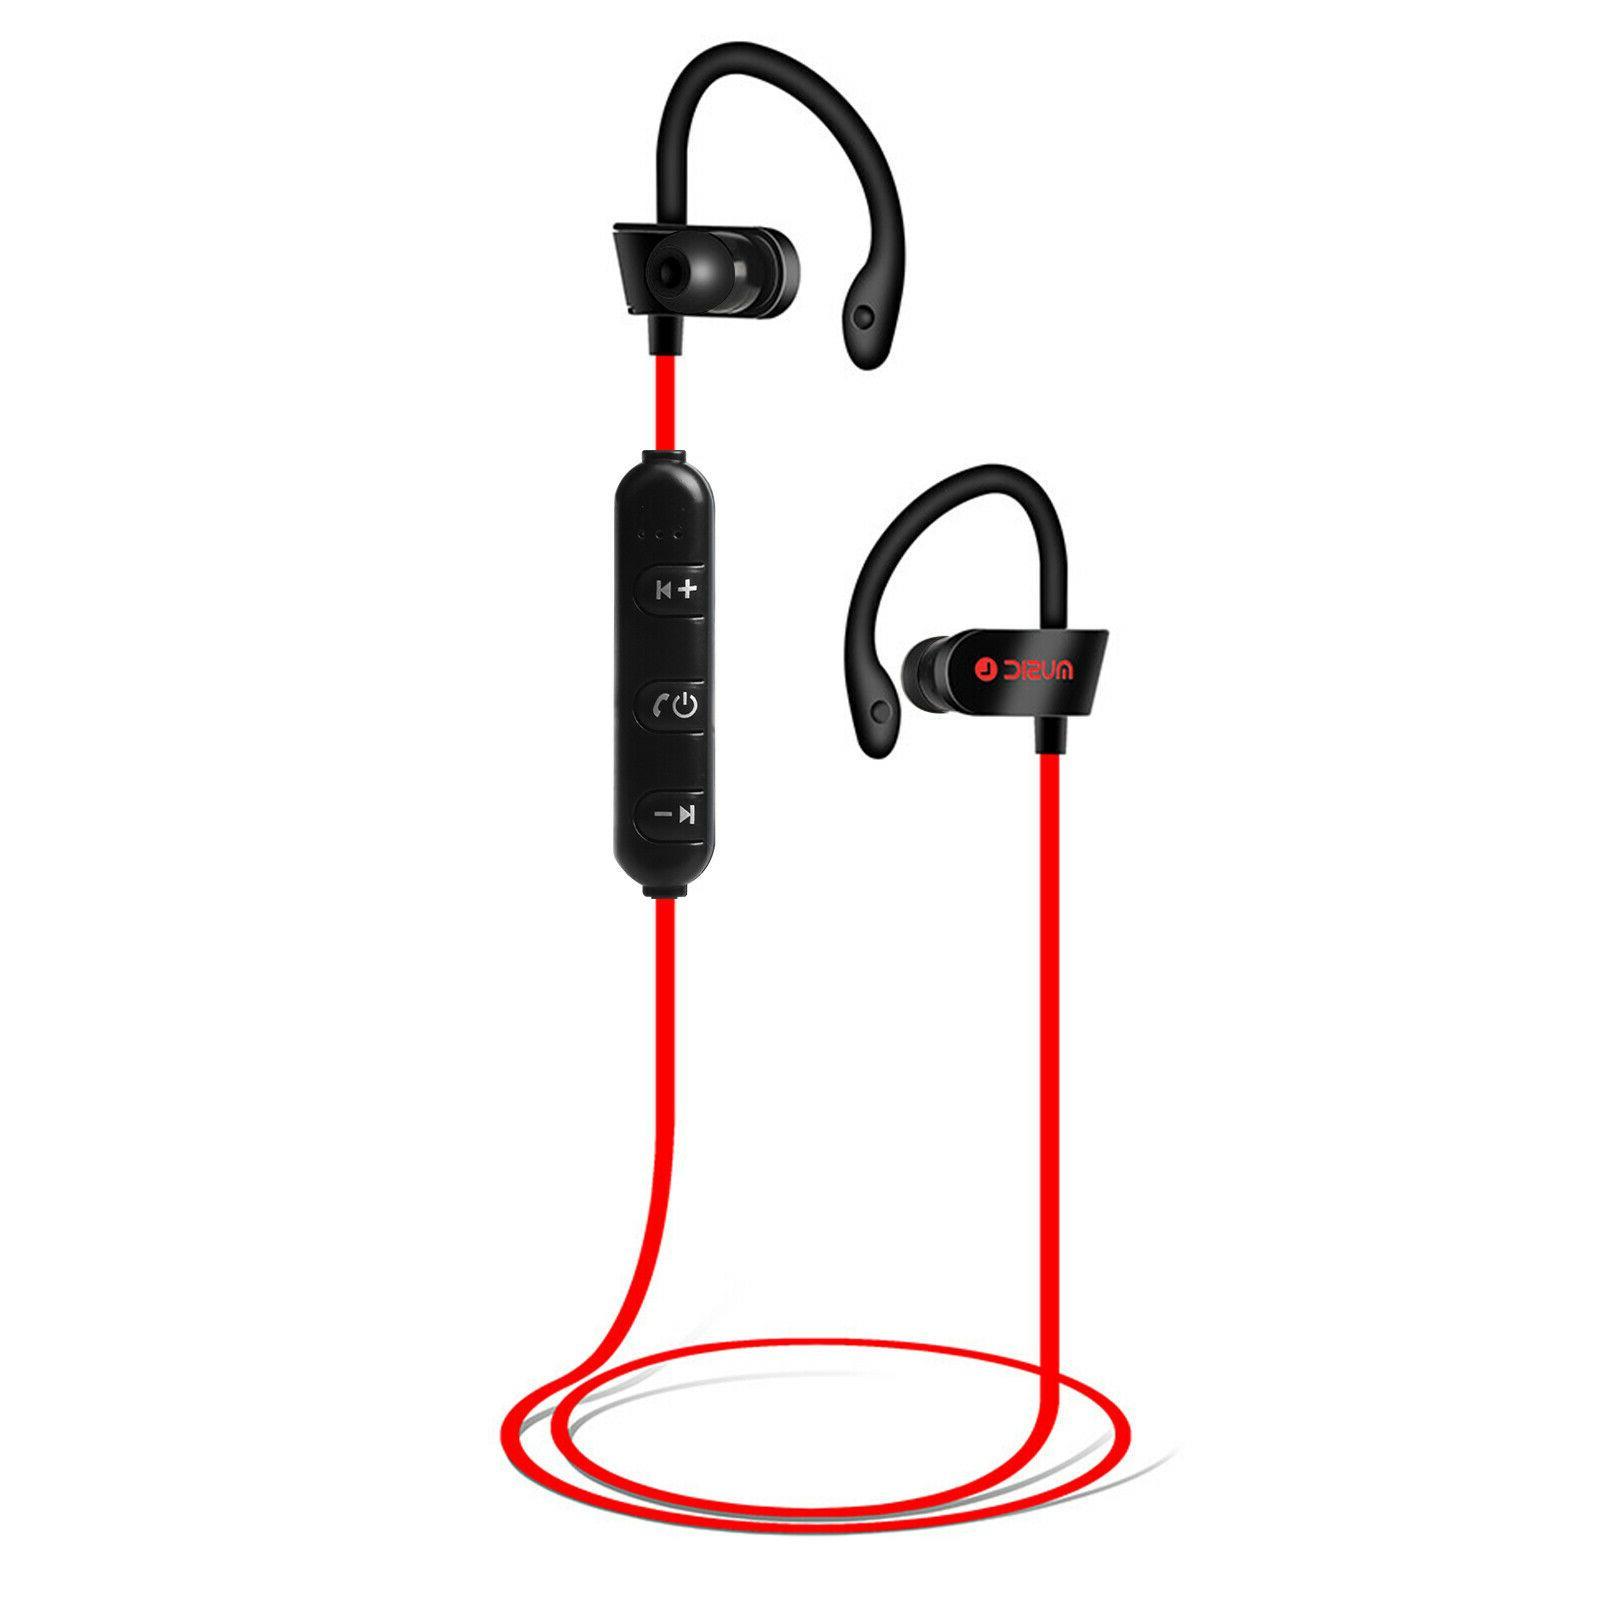 Sweatproof Headset Wireless In-Ear